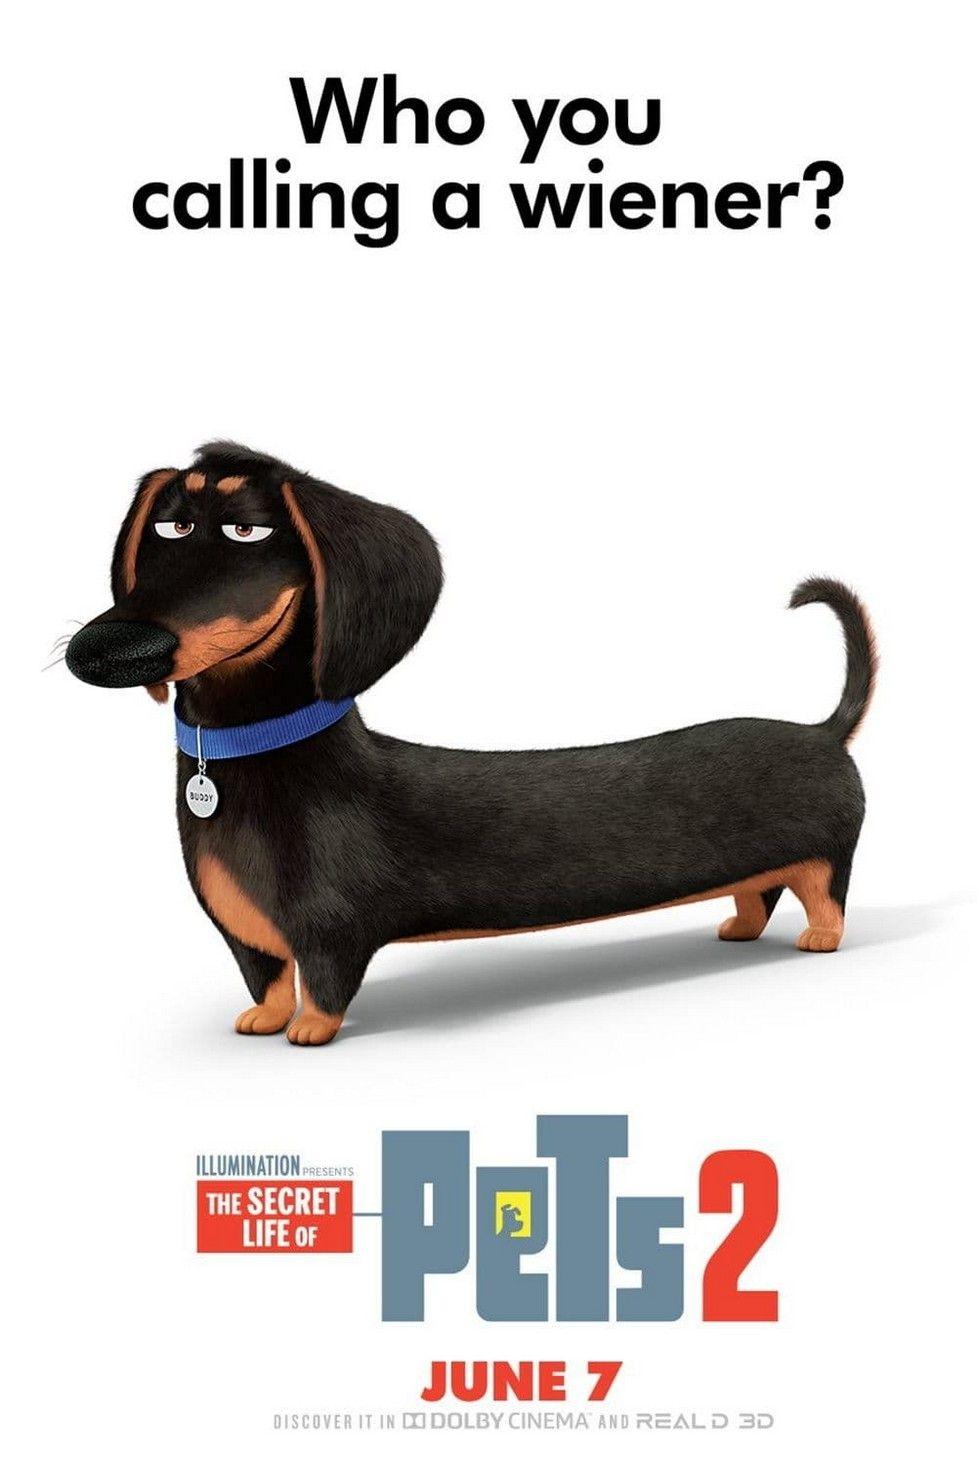 Ver Pelicula Completa De The Secret Life Of Pets 2 Mascotas 2